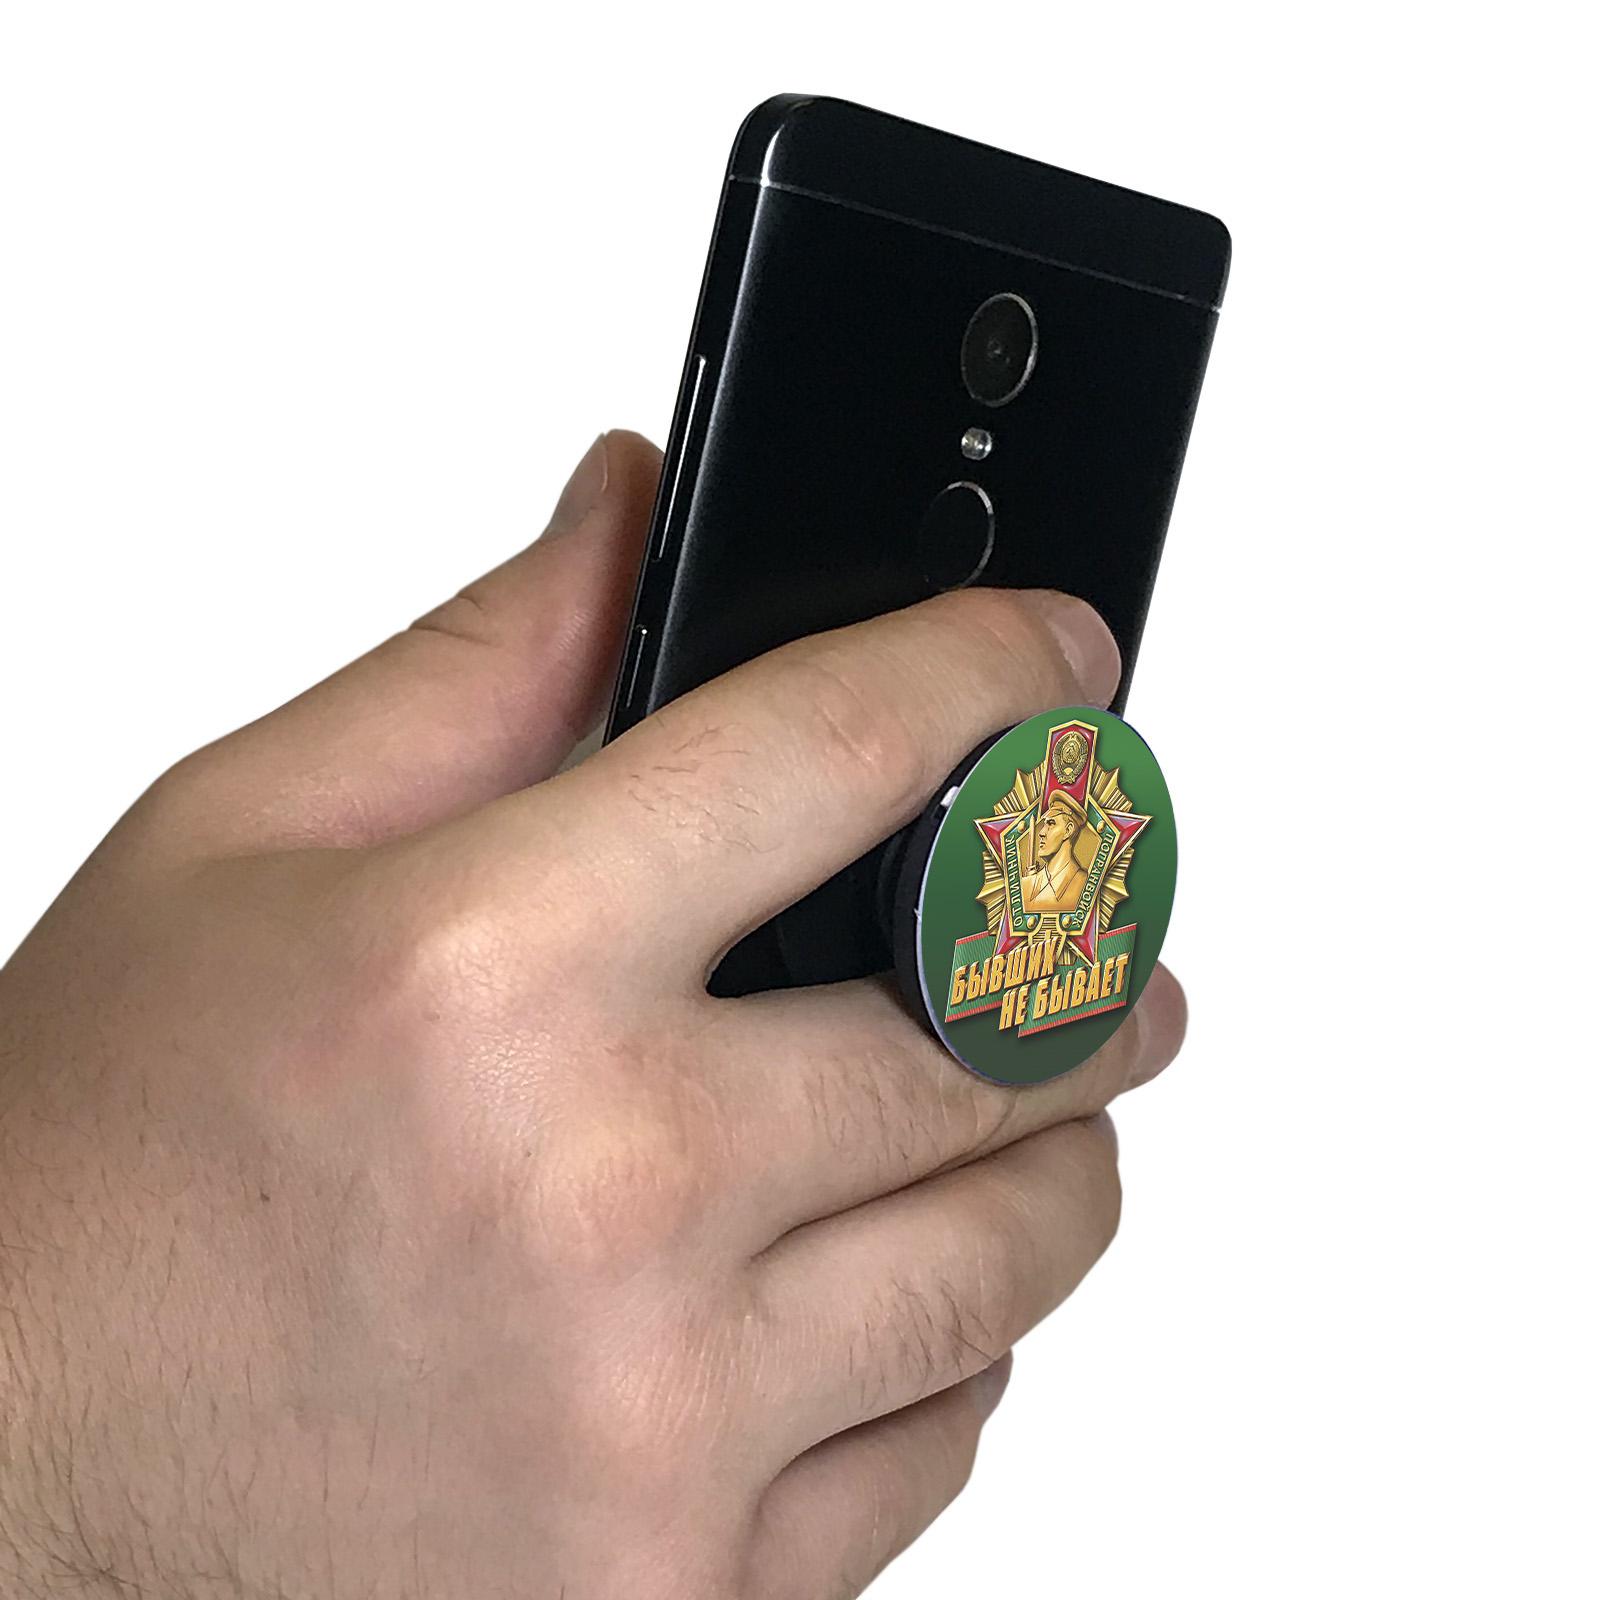 Оригинальный держатель для телефона с принтом ПВ по выгодной цене